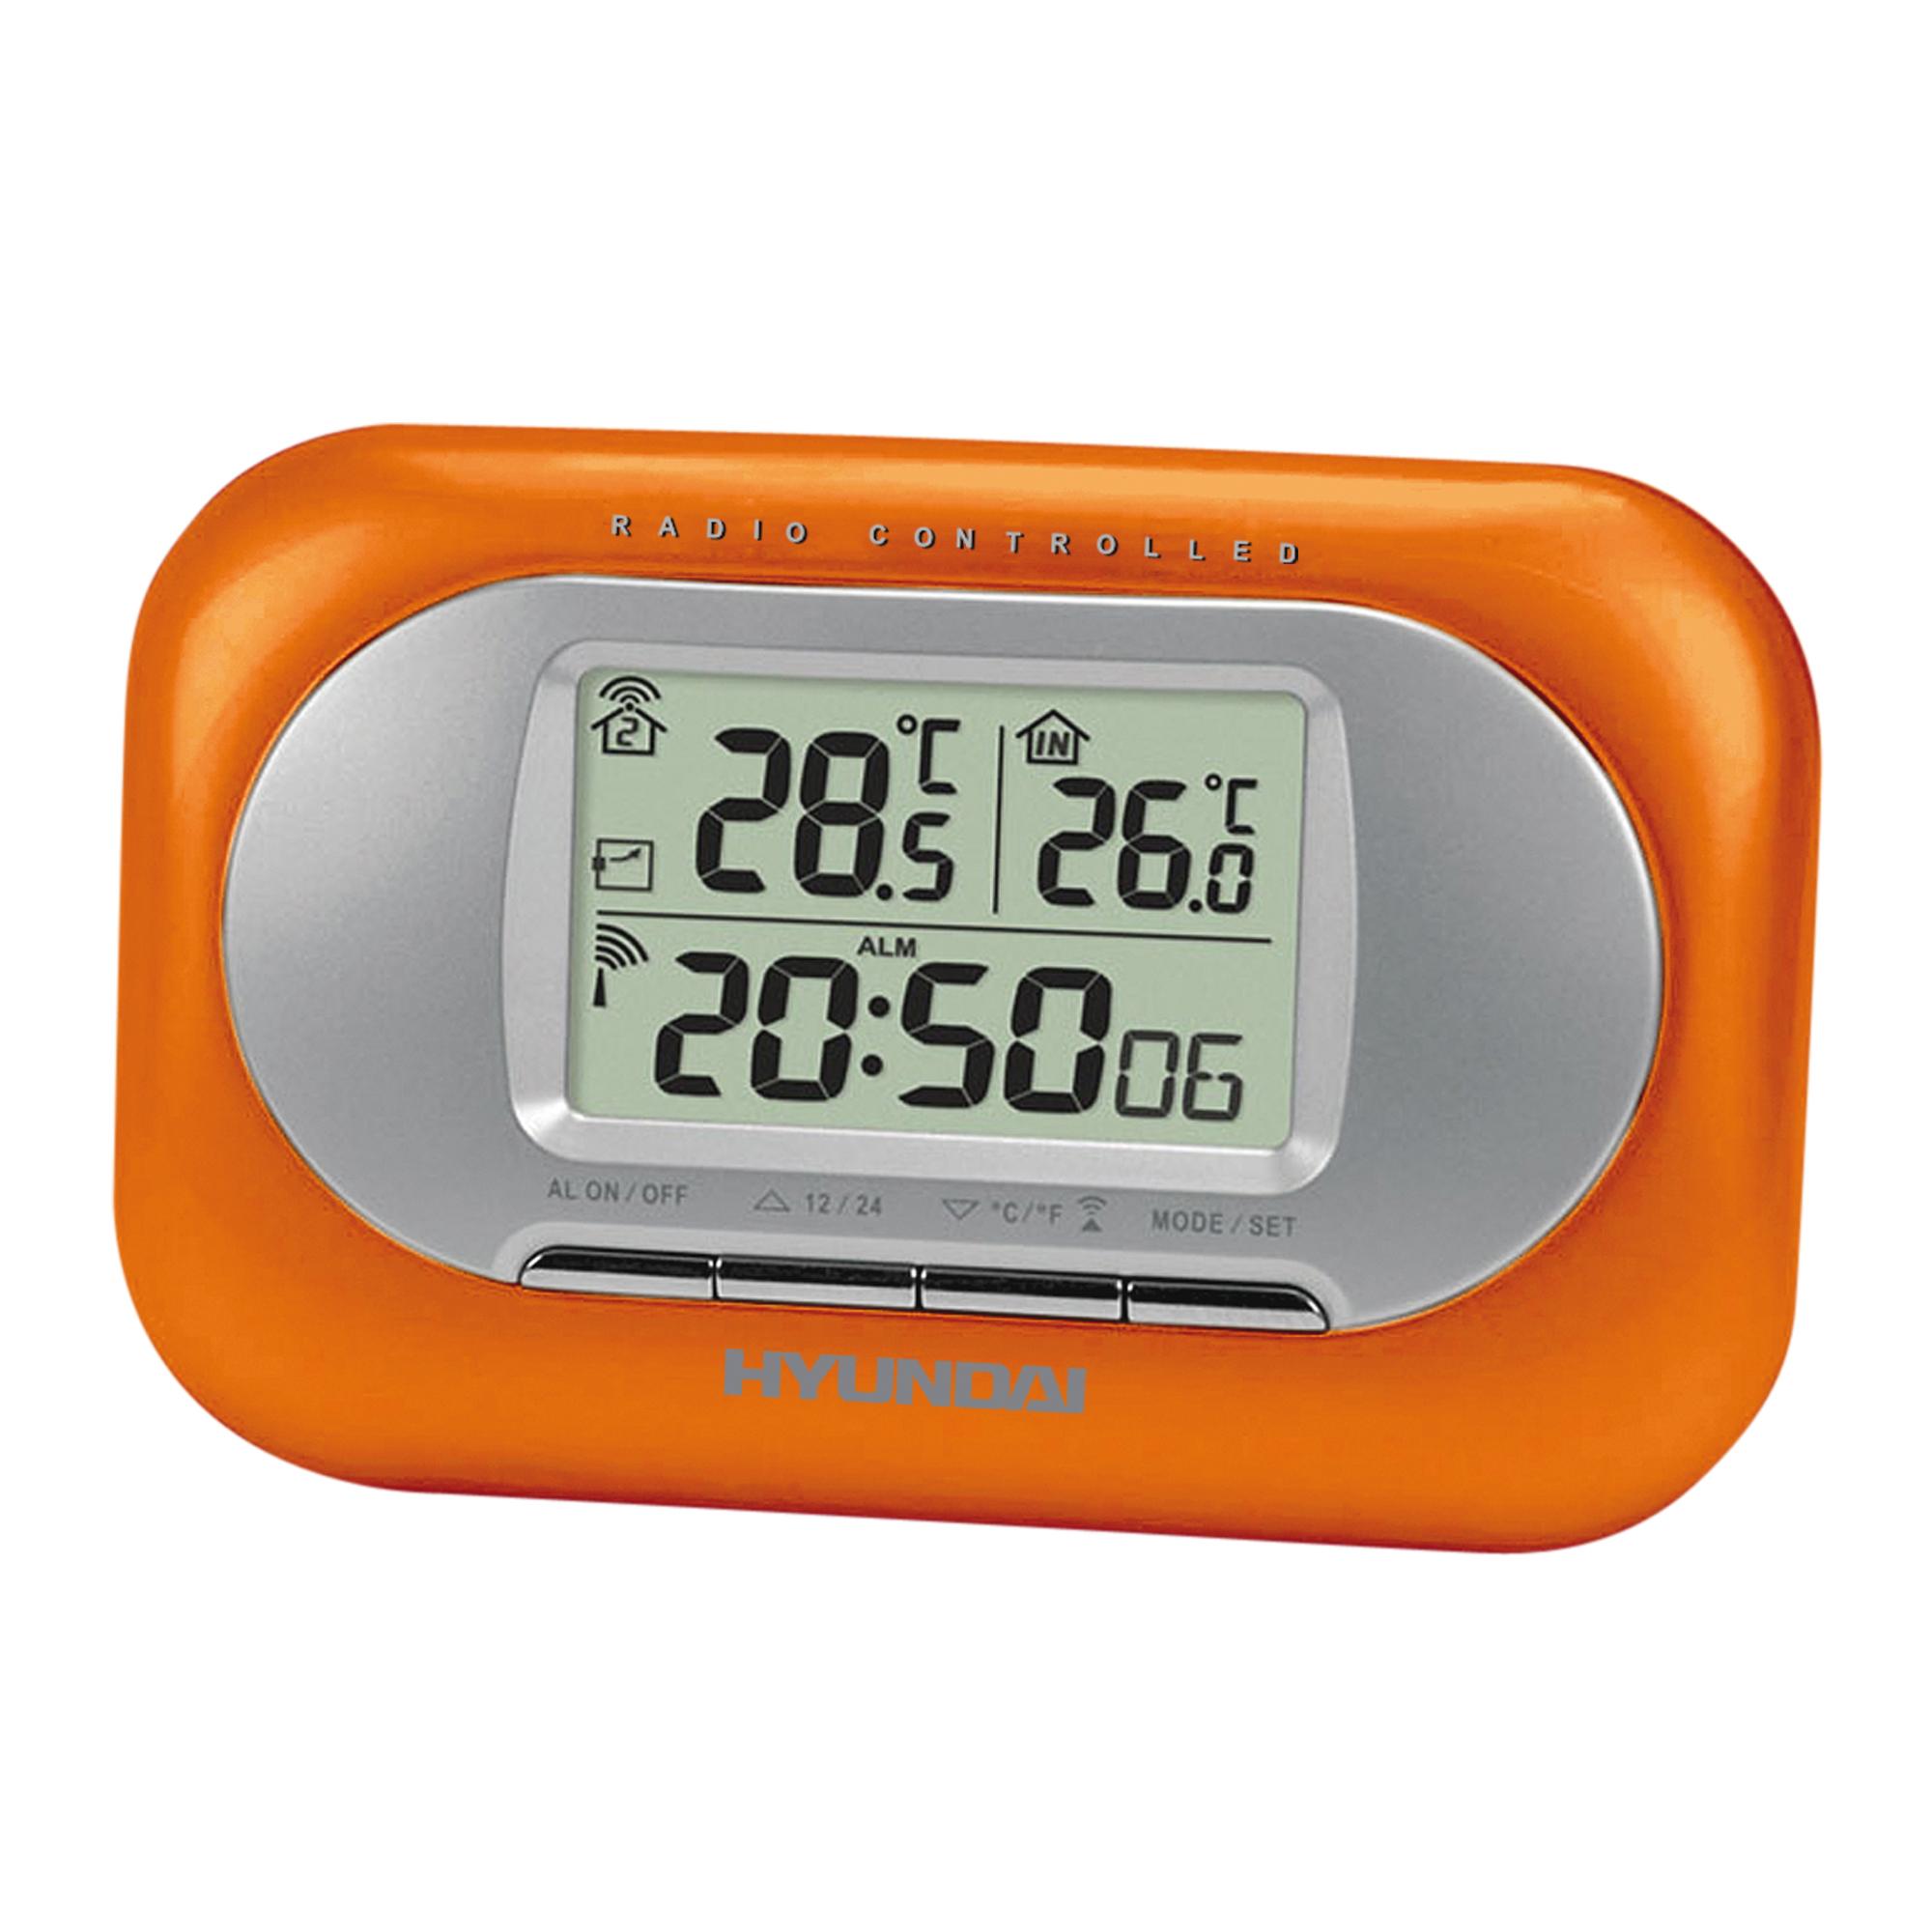 Základem přesného času zobrazeného na displeji meteorologické stanice Hyundai WSC 1925O je přijímač ...